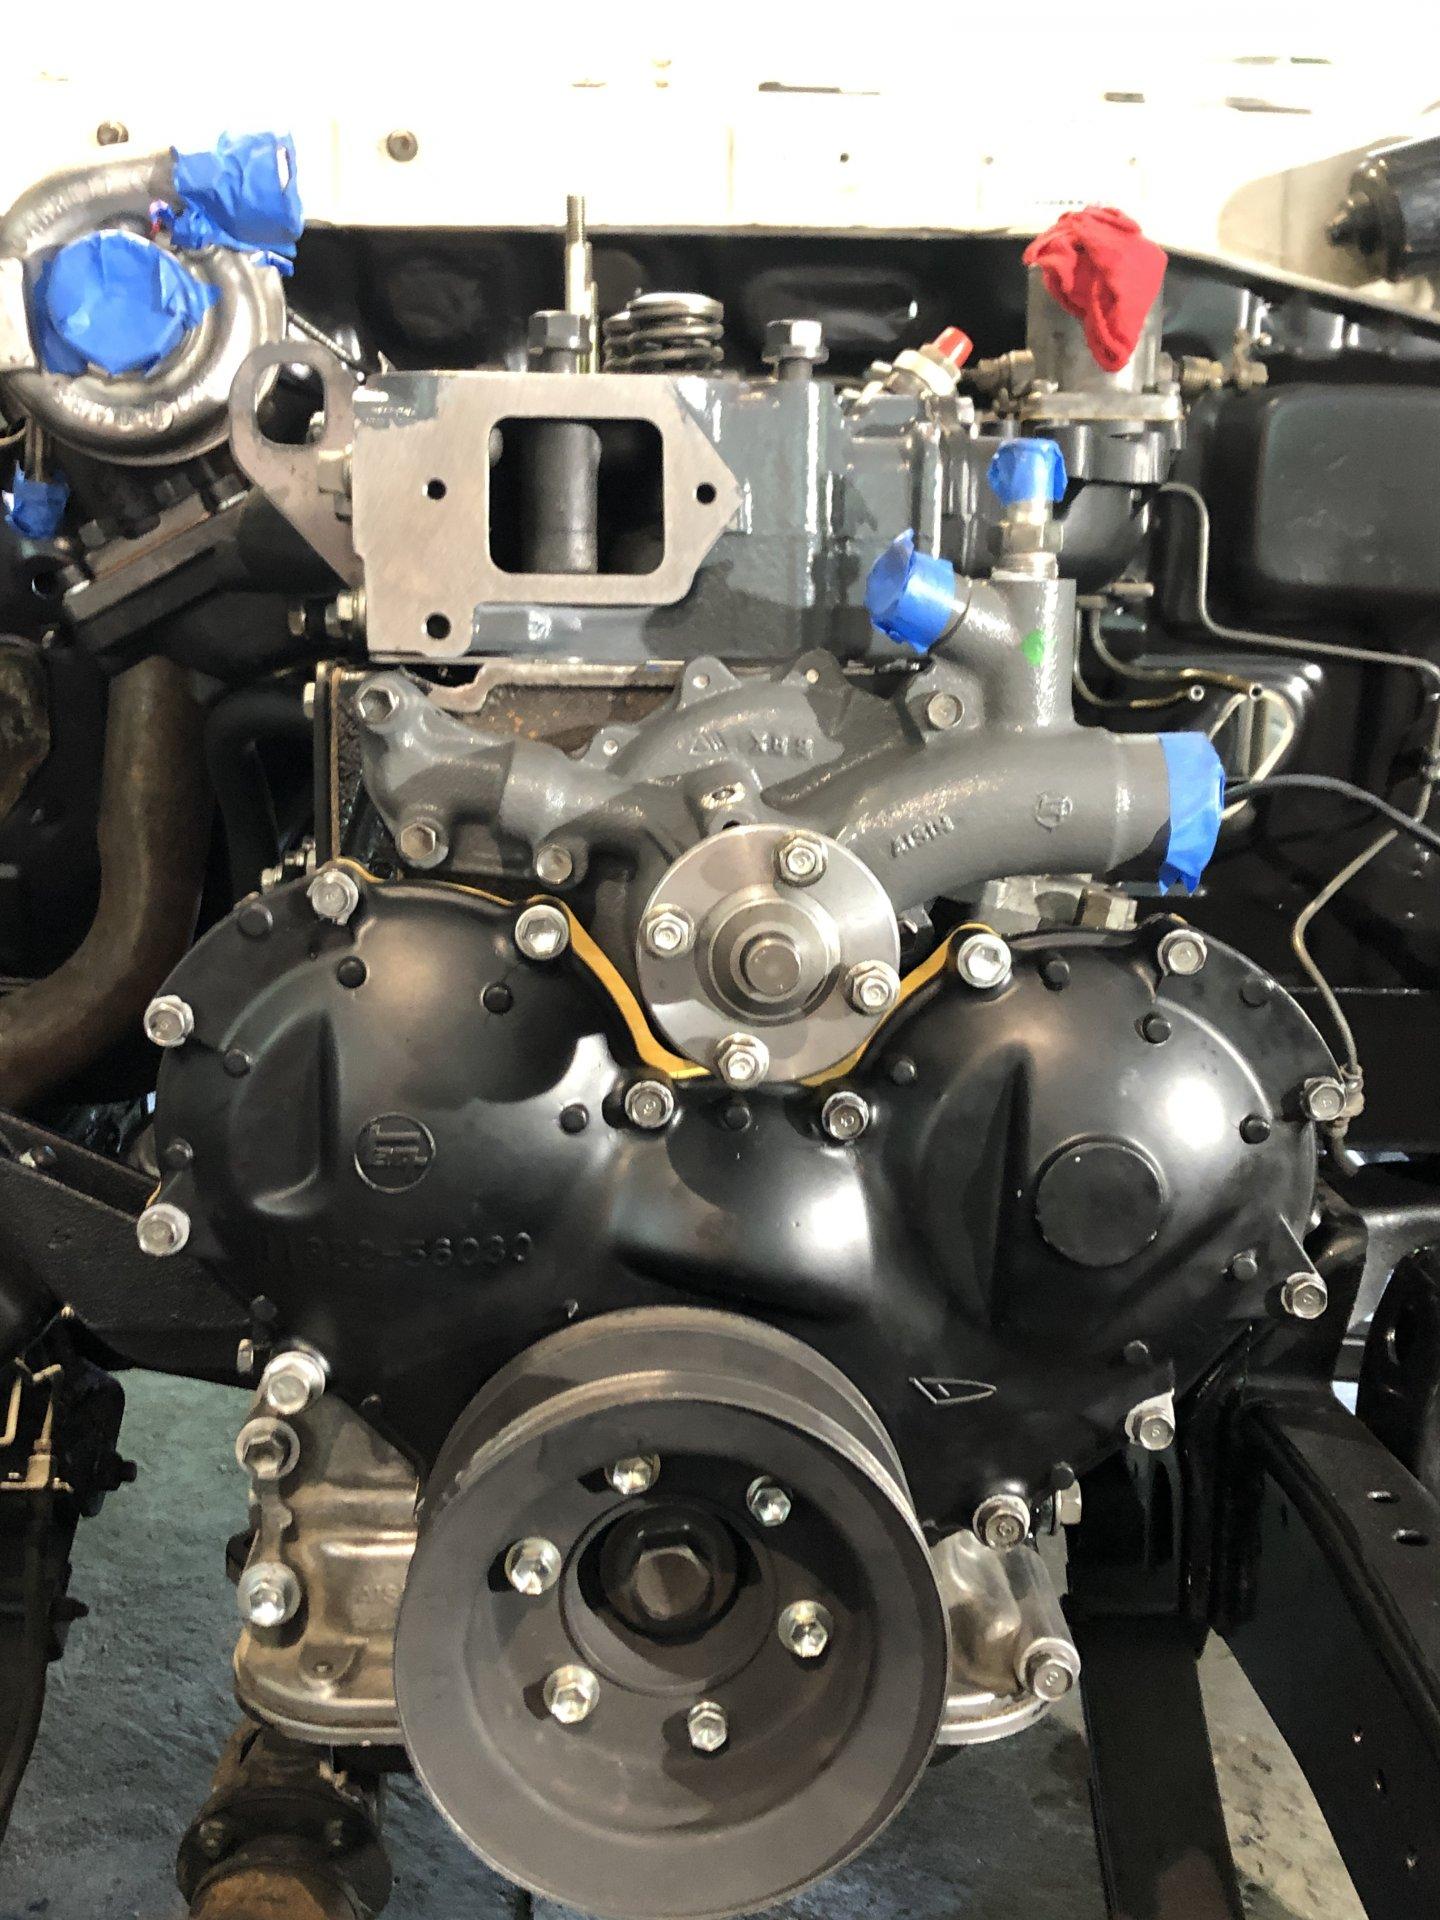 D40D120B-2CEC-4F6E-88F1-6EF71C92C514.jpeg